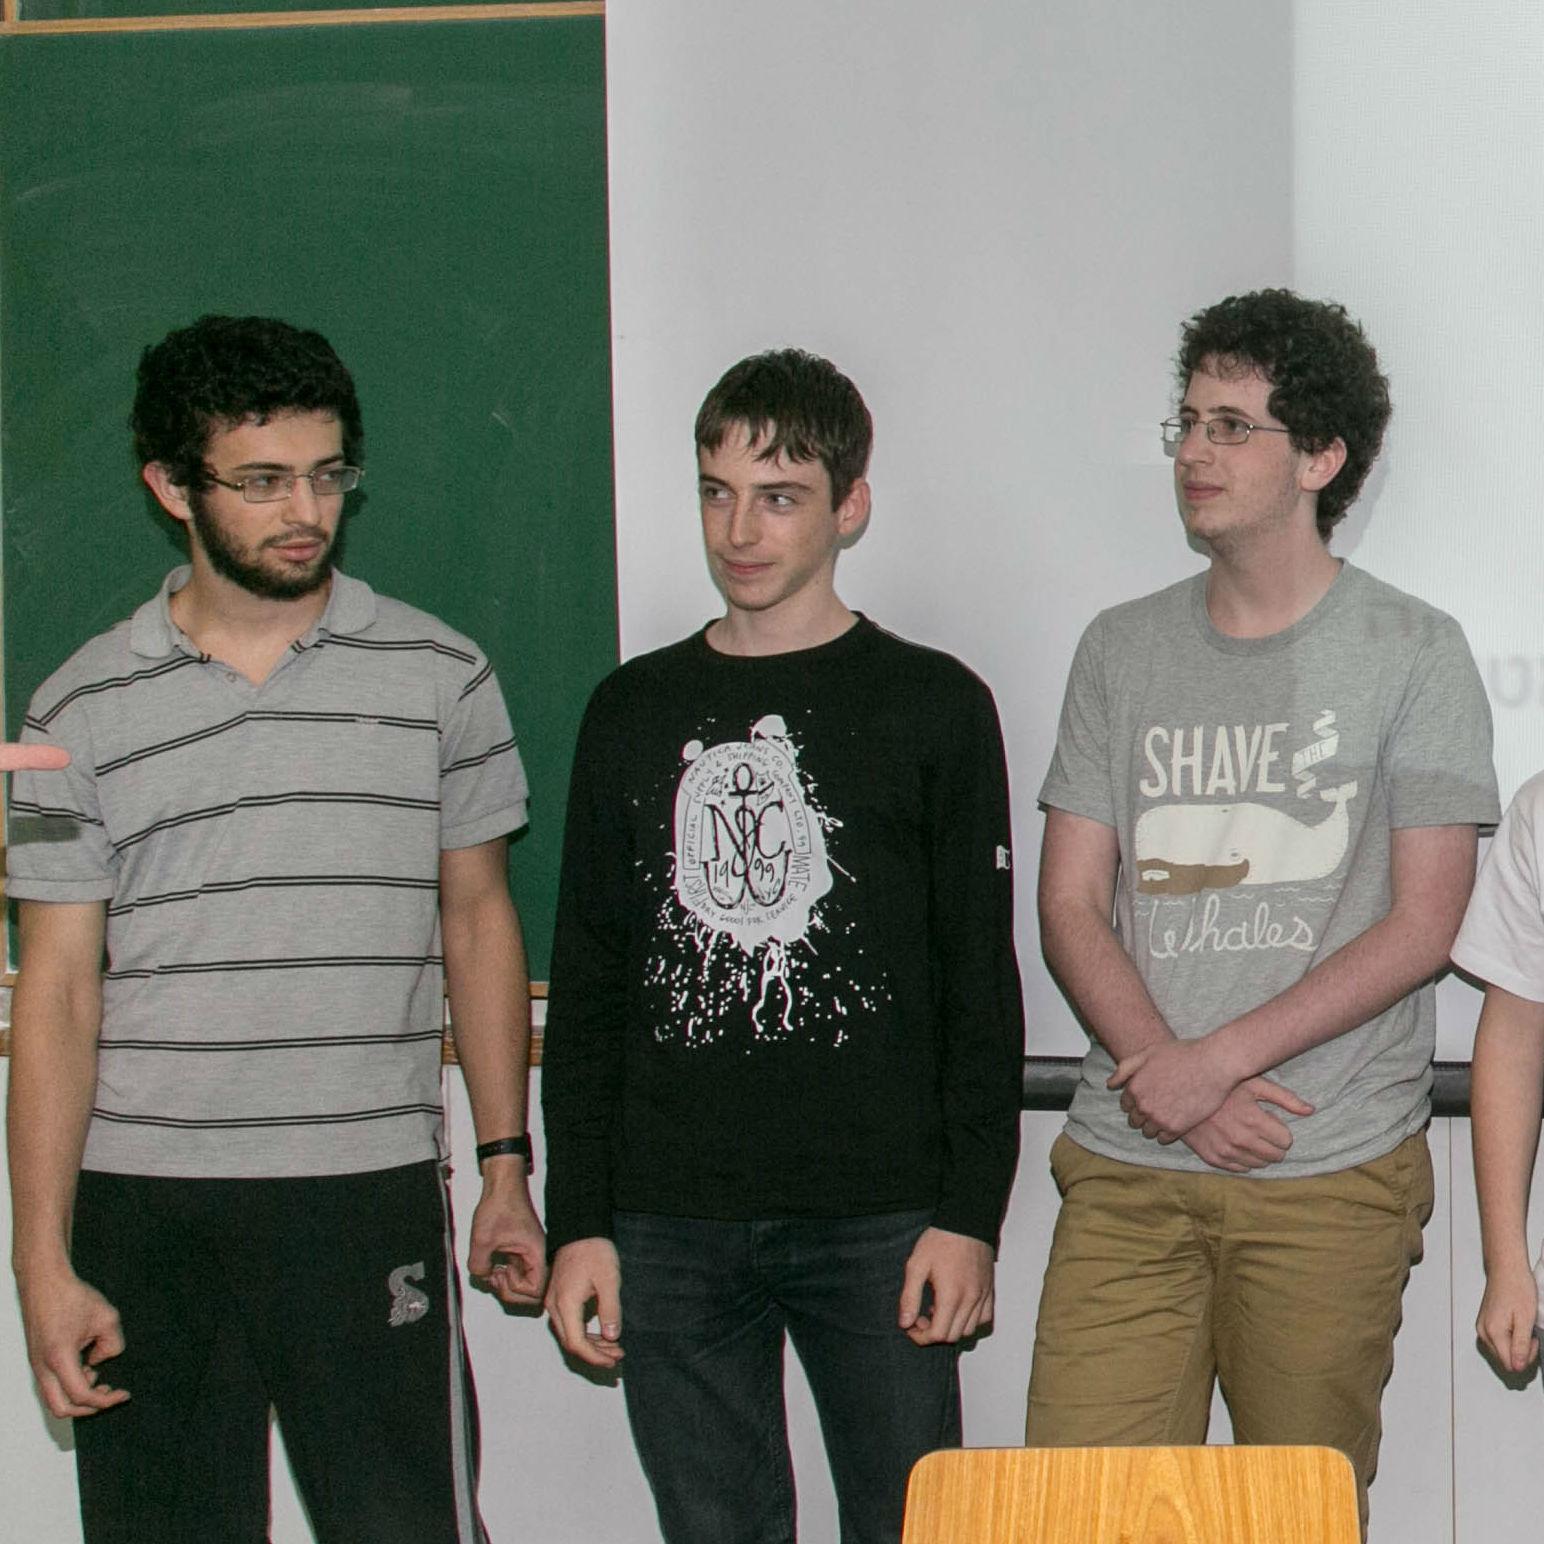 אלופי המספרים: הוכרזו חברי נבחרת ישראל לאולימפיאדת המתמטיקה